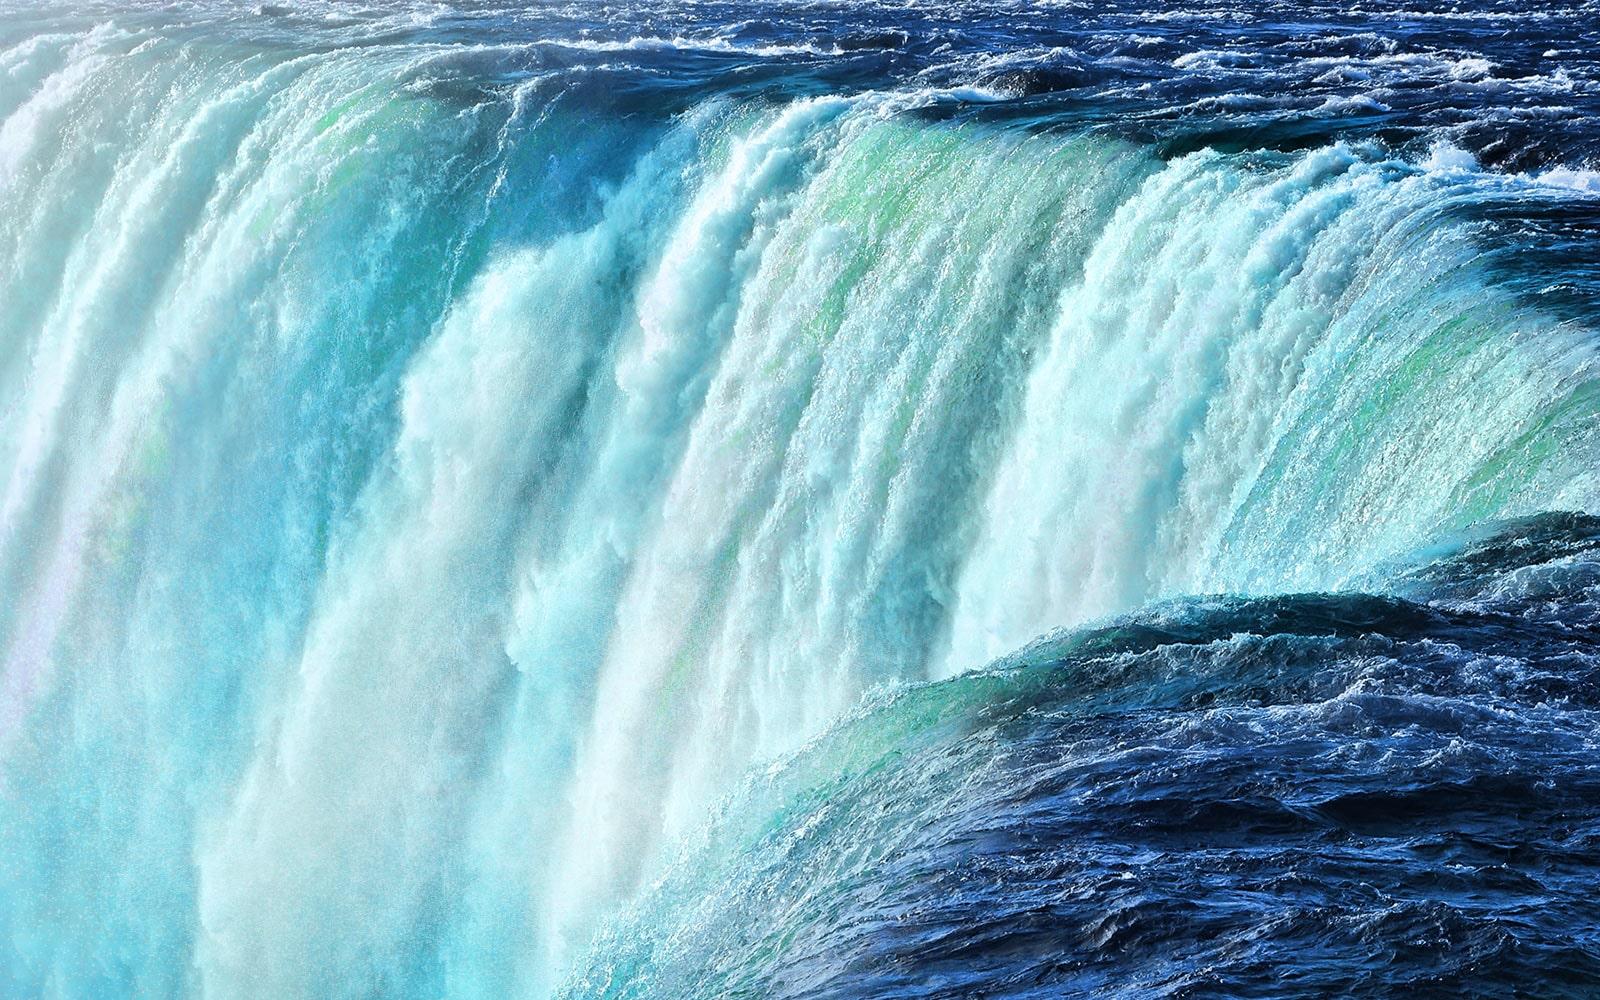 Une chute d'eau qui vous plonge dans le surround